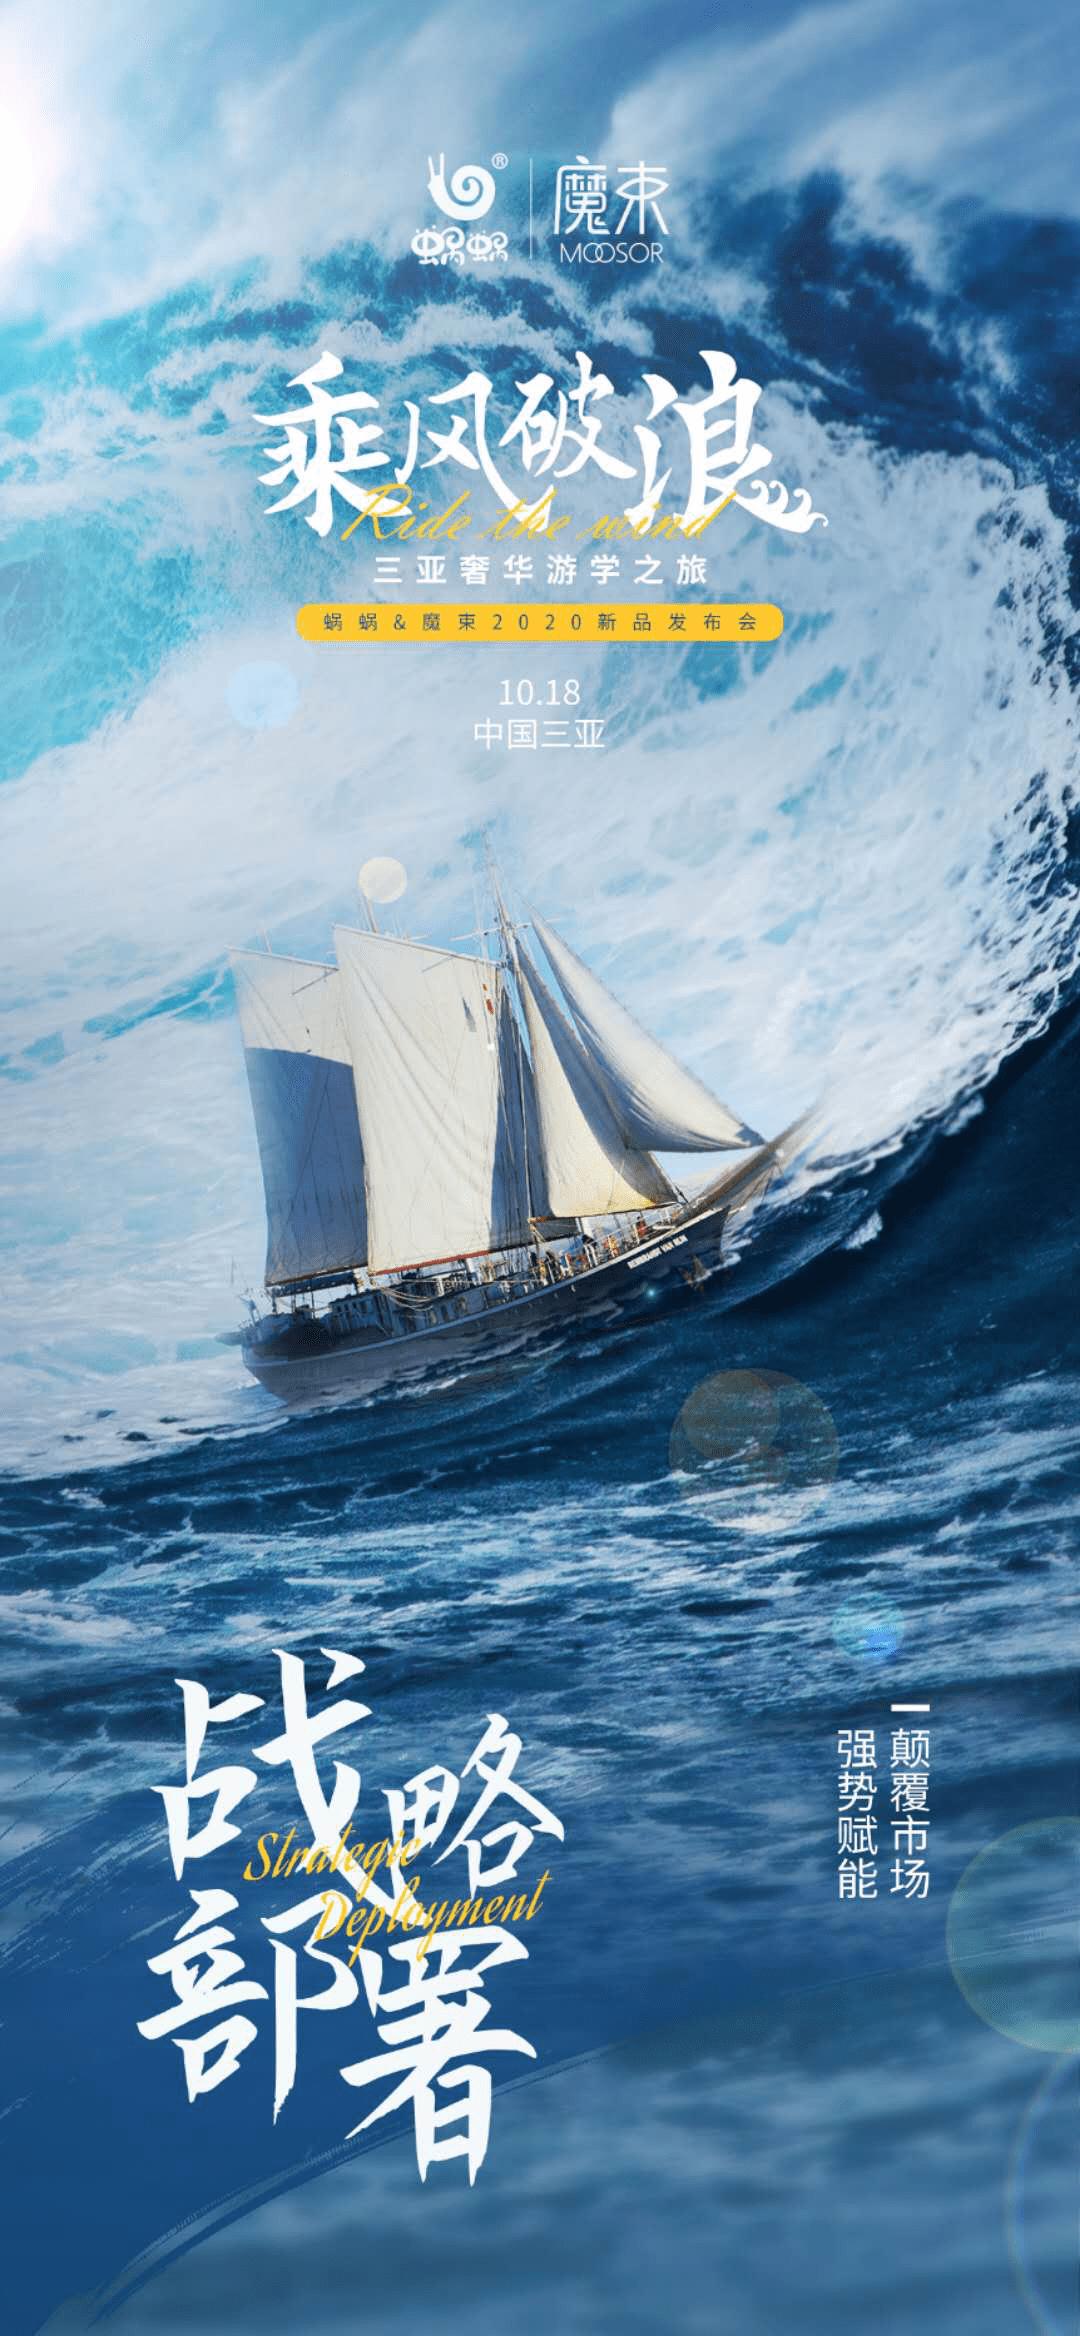 乘风破浪·奢华游学之旅暨蜗蜗2020年新品发布会即将启航